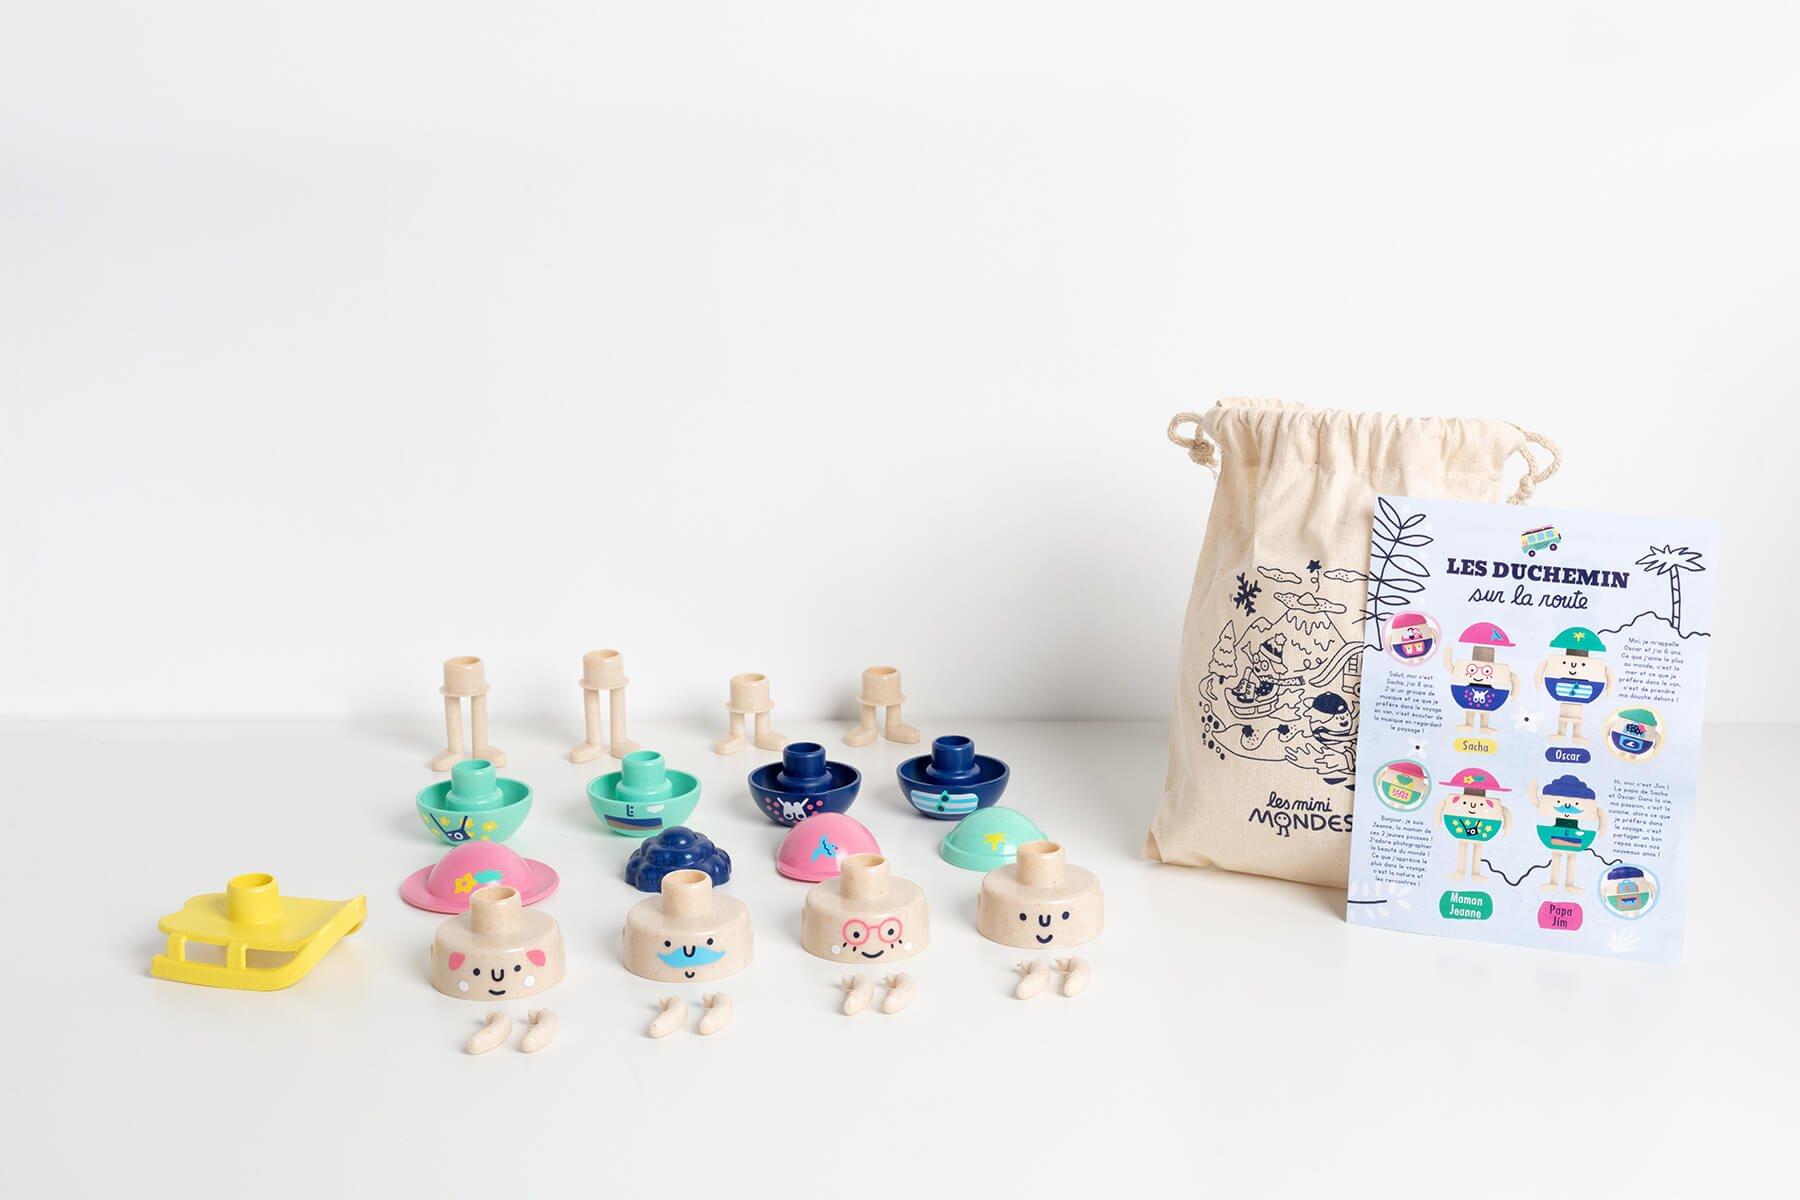 Des jouets écoresponsables fabriqués en France